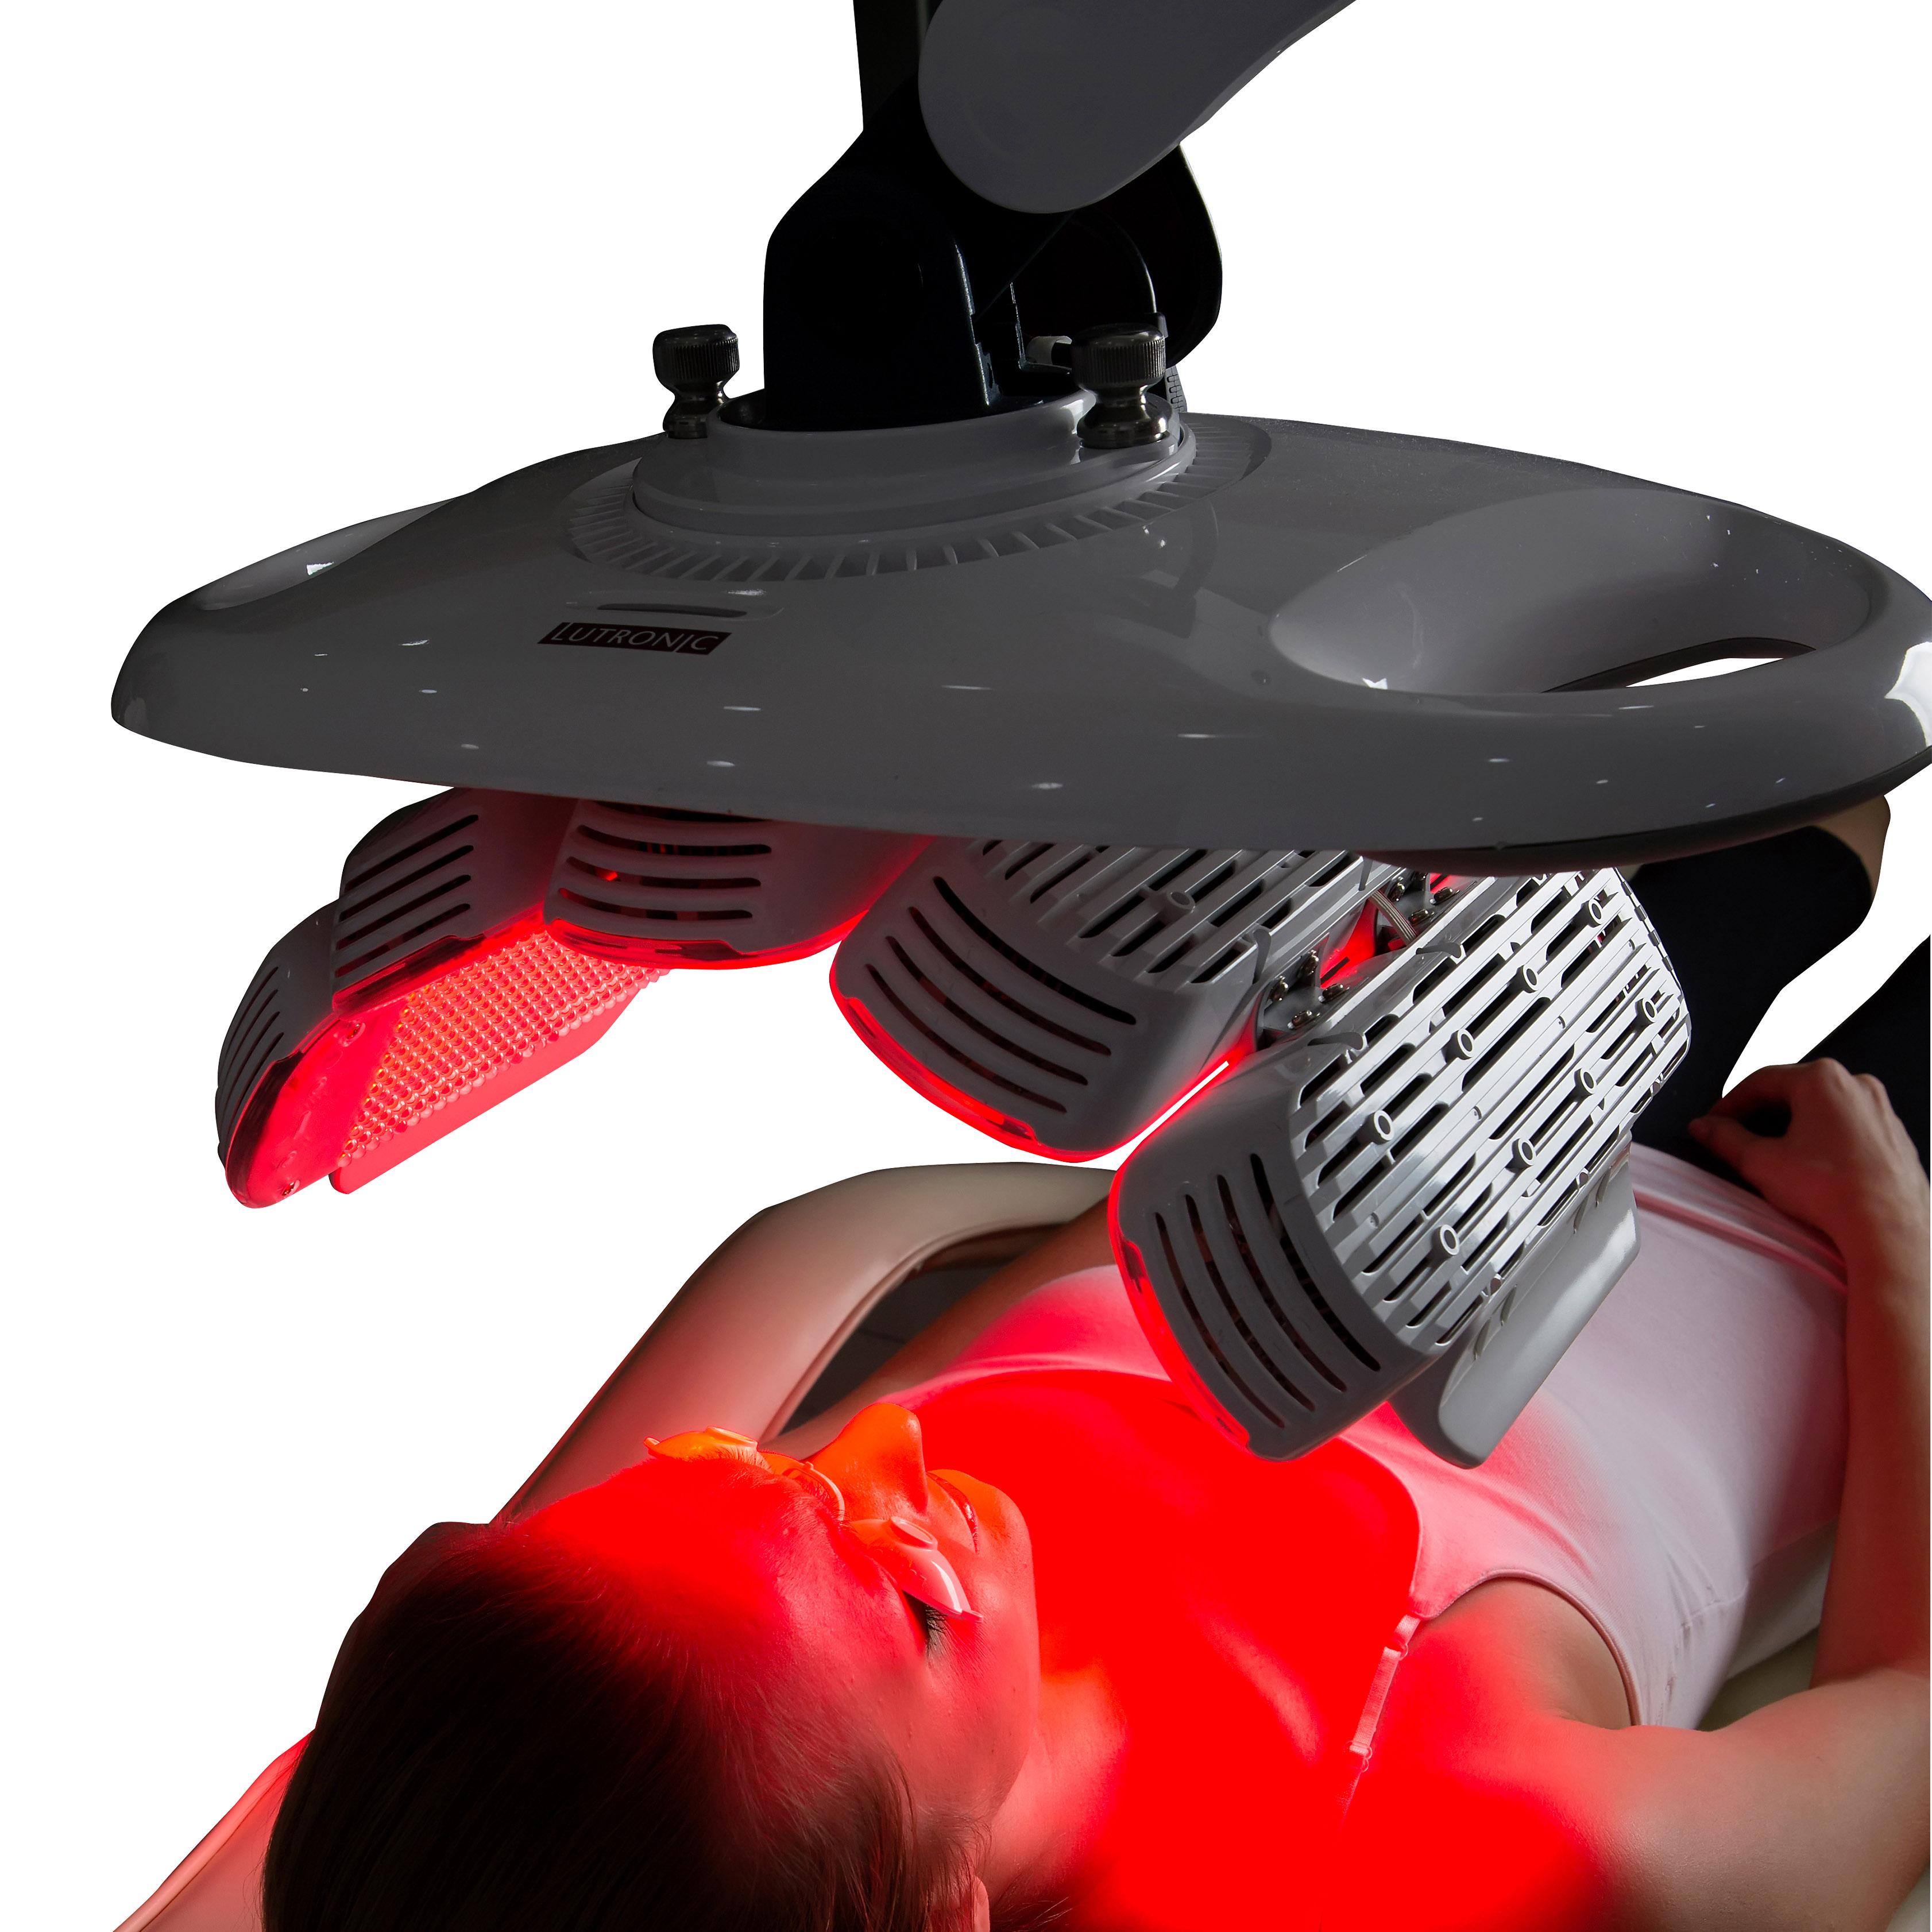 PDT: microneedling, cream application, LED light